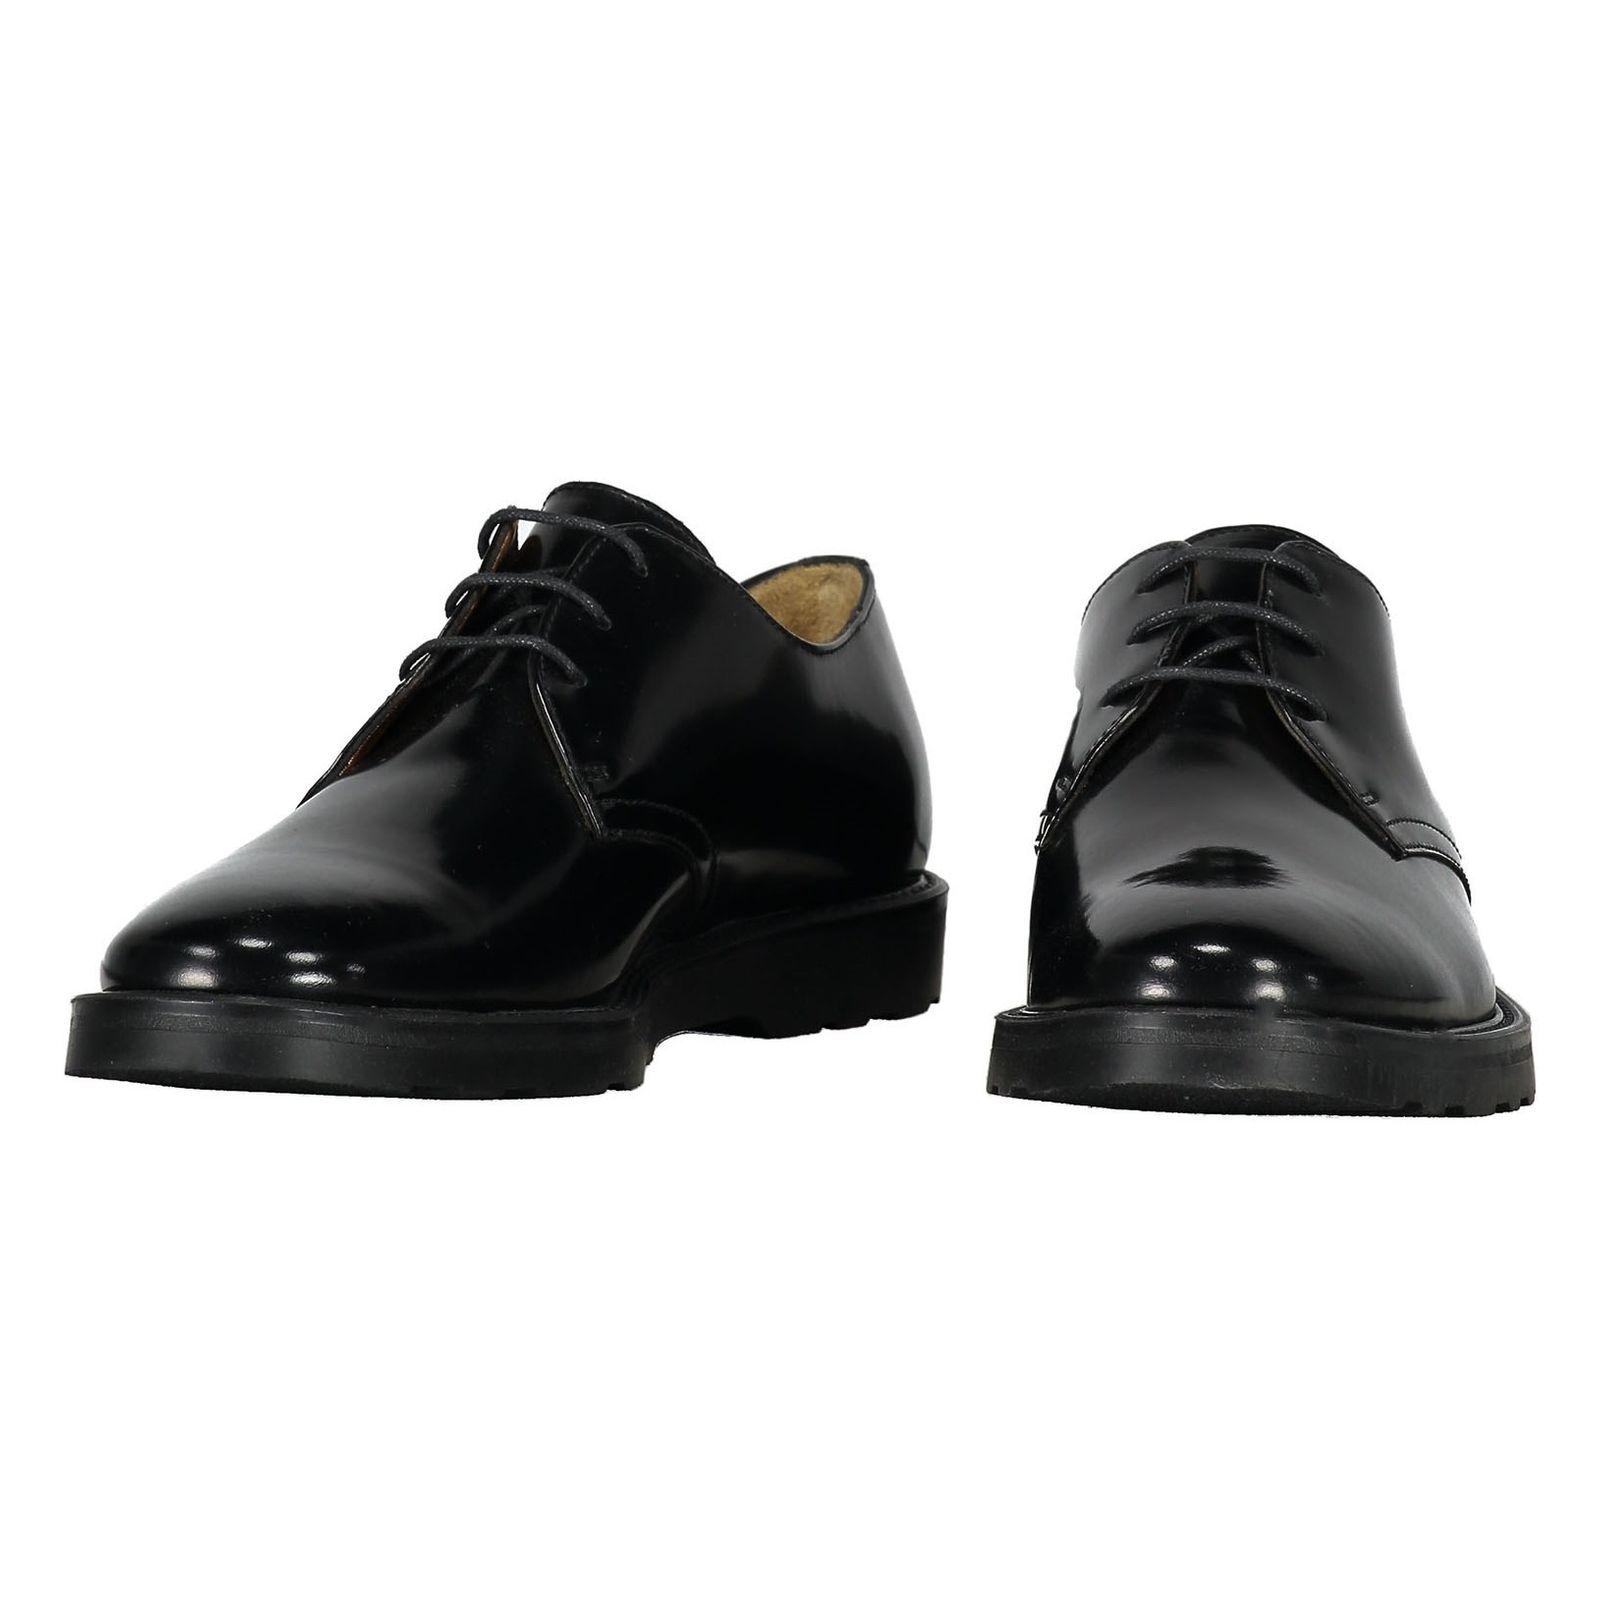 کفش چرم رسمی مردانه - سولدینی - مشکي  - 4